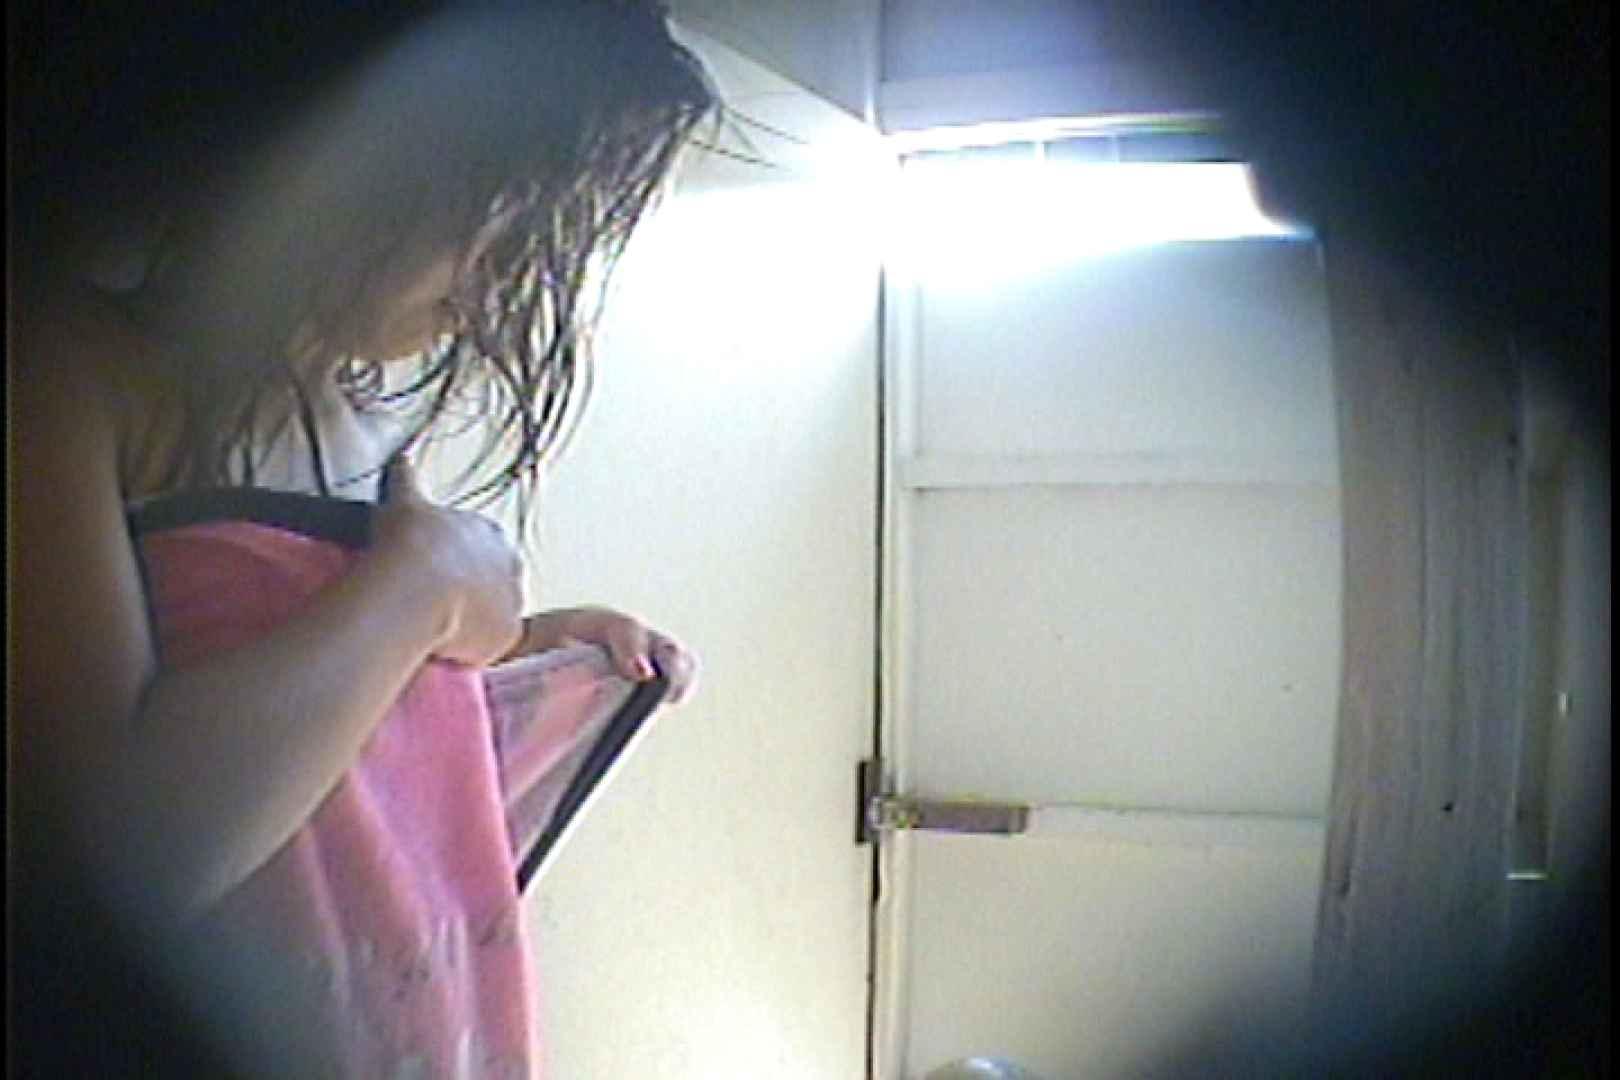 海の家の更衣室 Vol.31 美女 セックス無修正動画無料 99画像 95